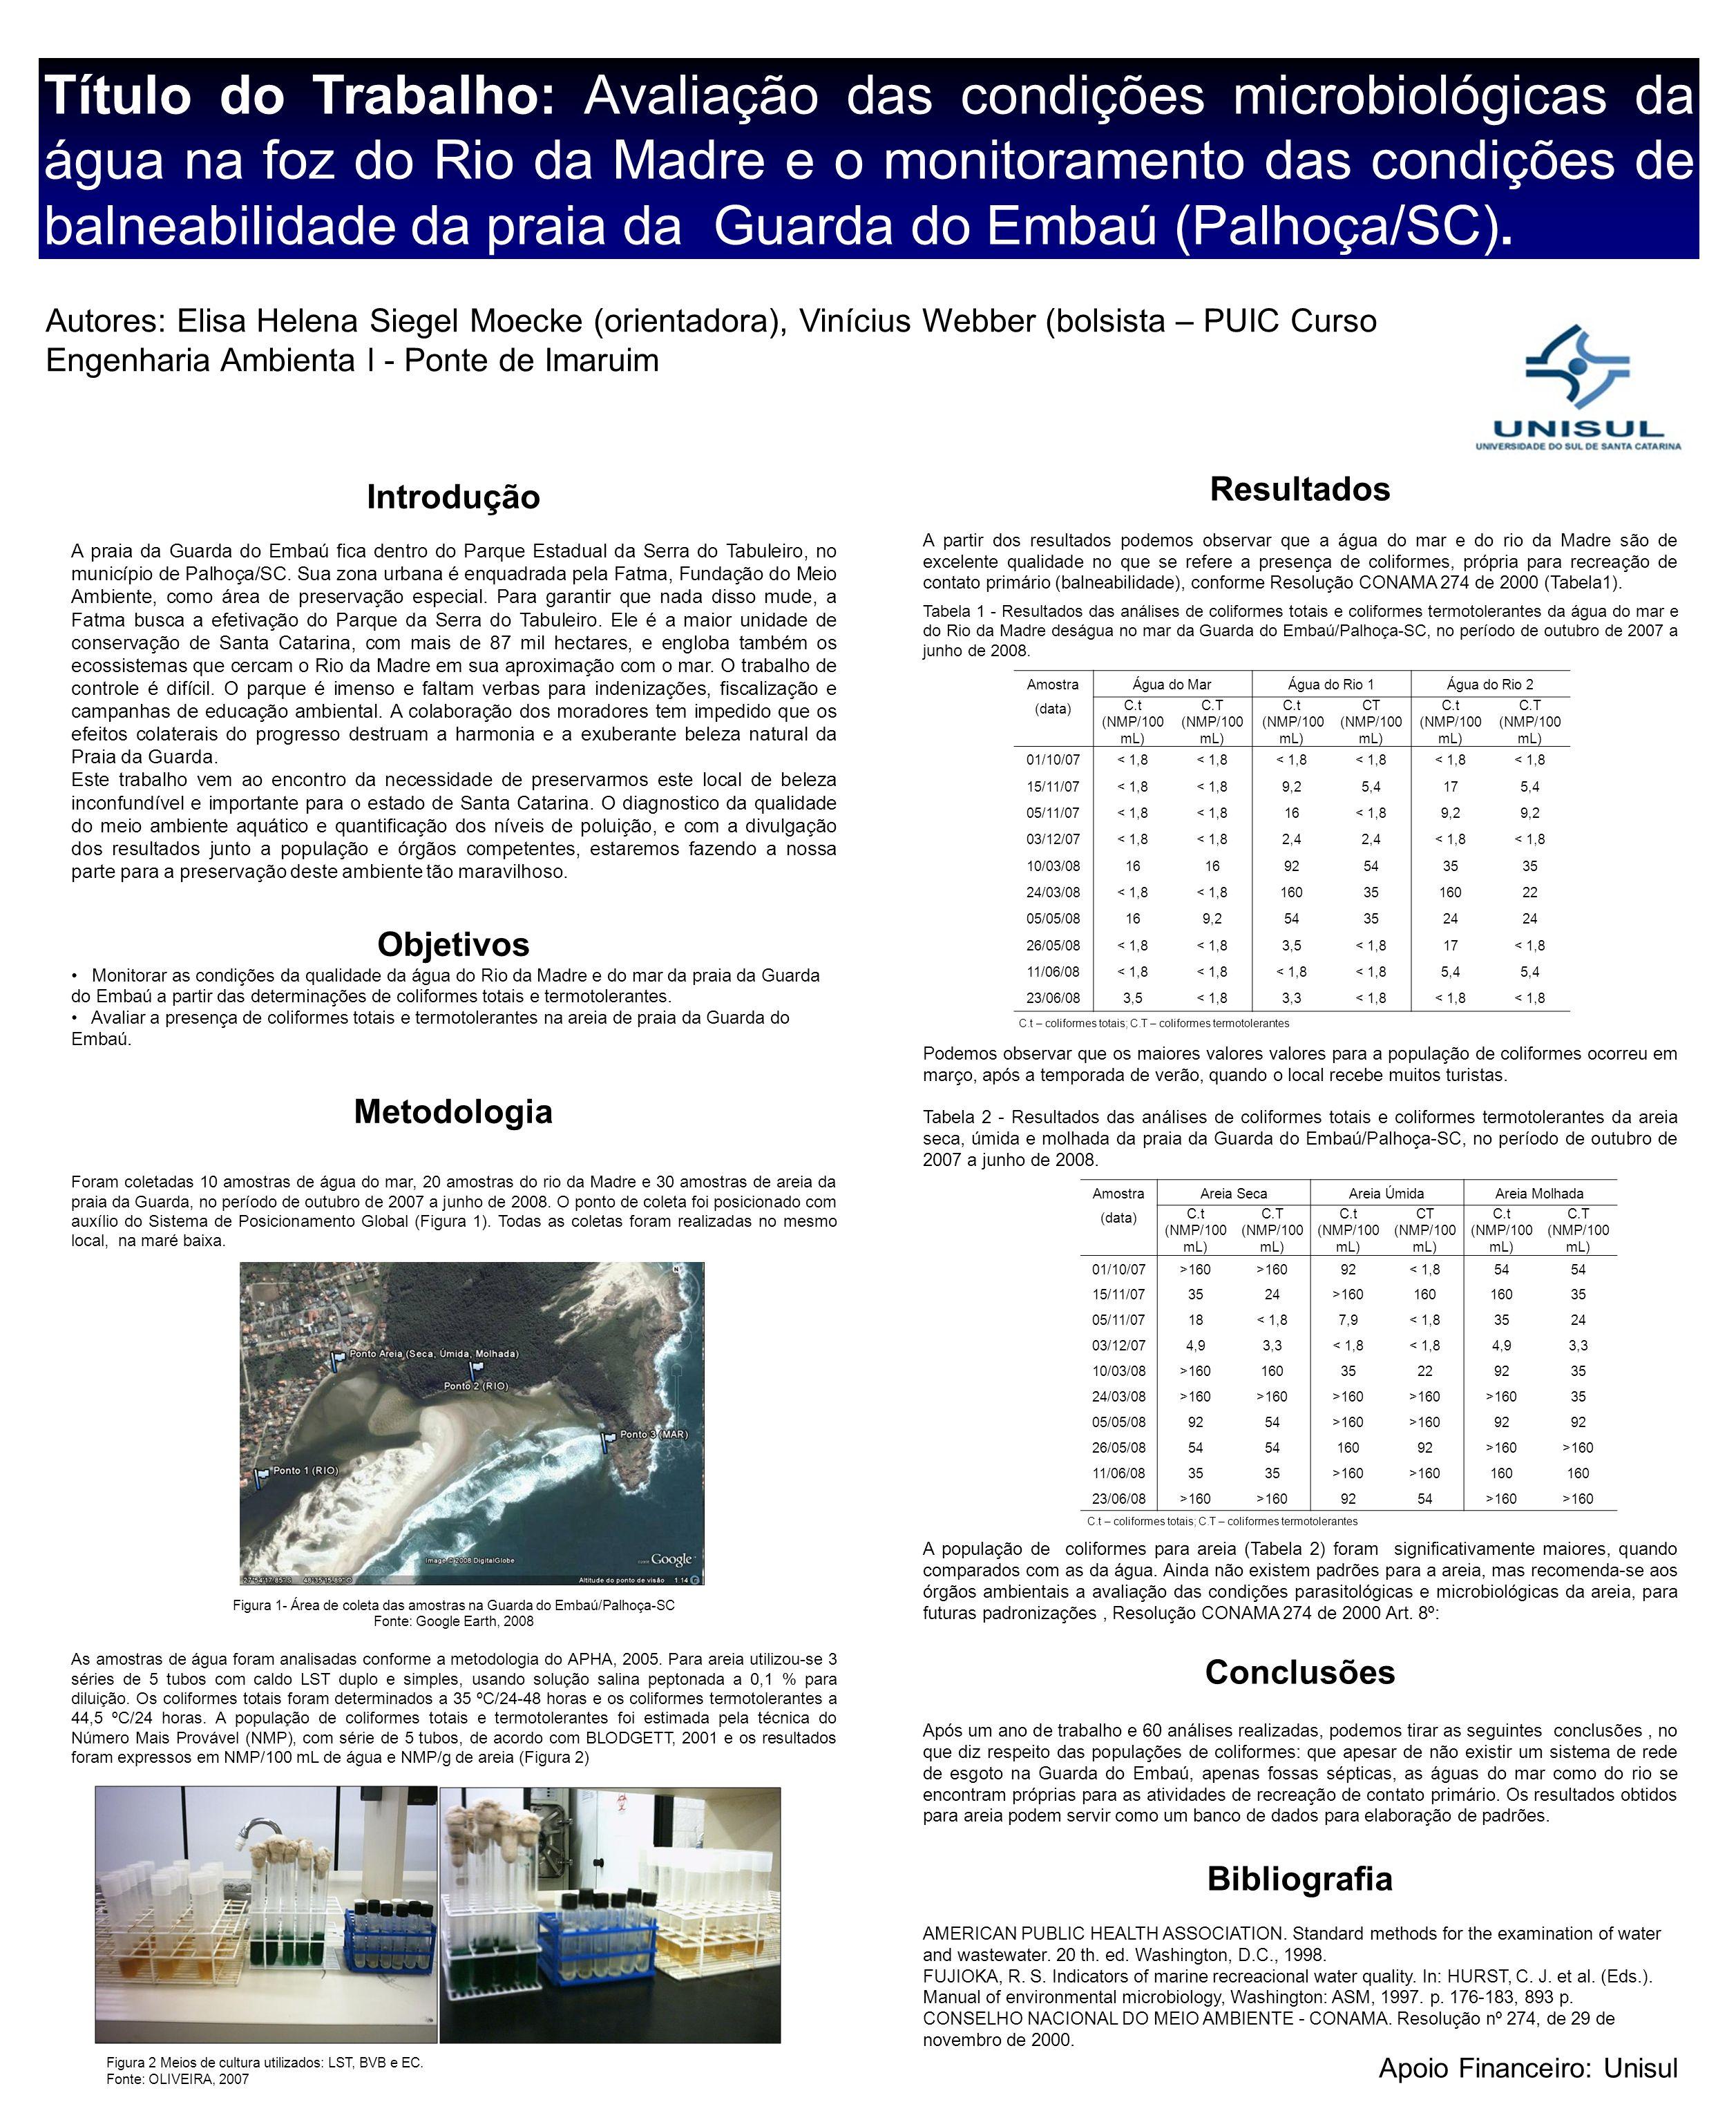 Título do Trabalho: Avaliação das condições microbiológicas da água na foz do Rio da Madre e o monitoramento das condições de balneabilidade da praia da Guarda do Embaú (Palhoça/SC).